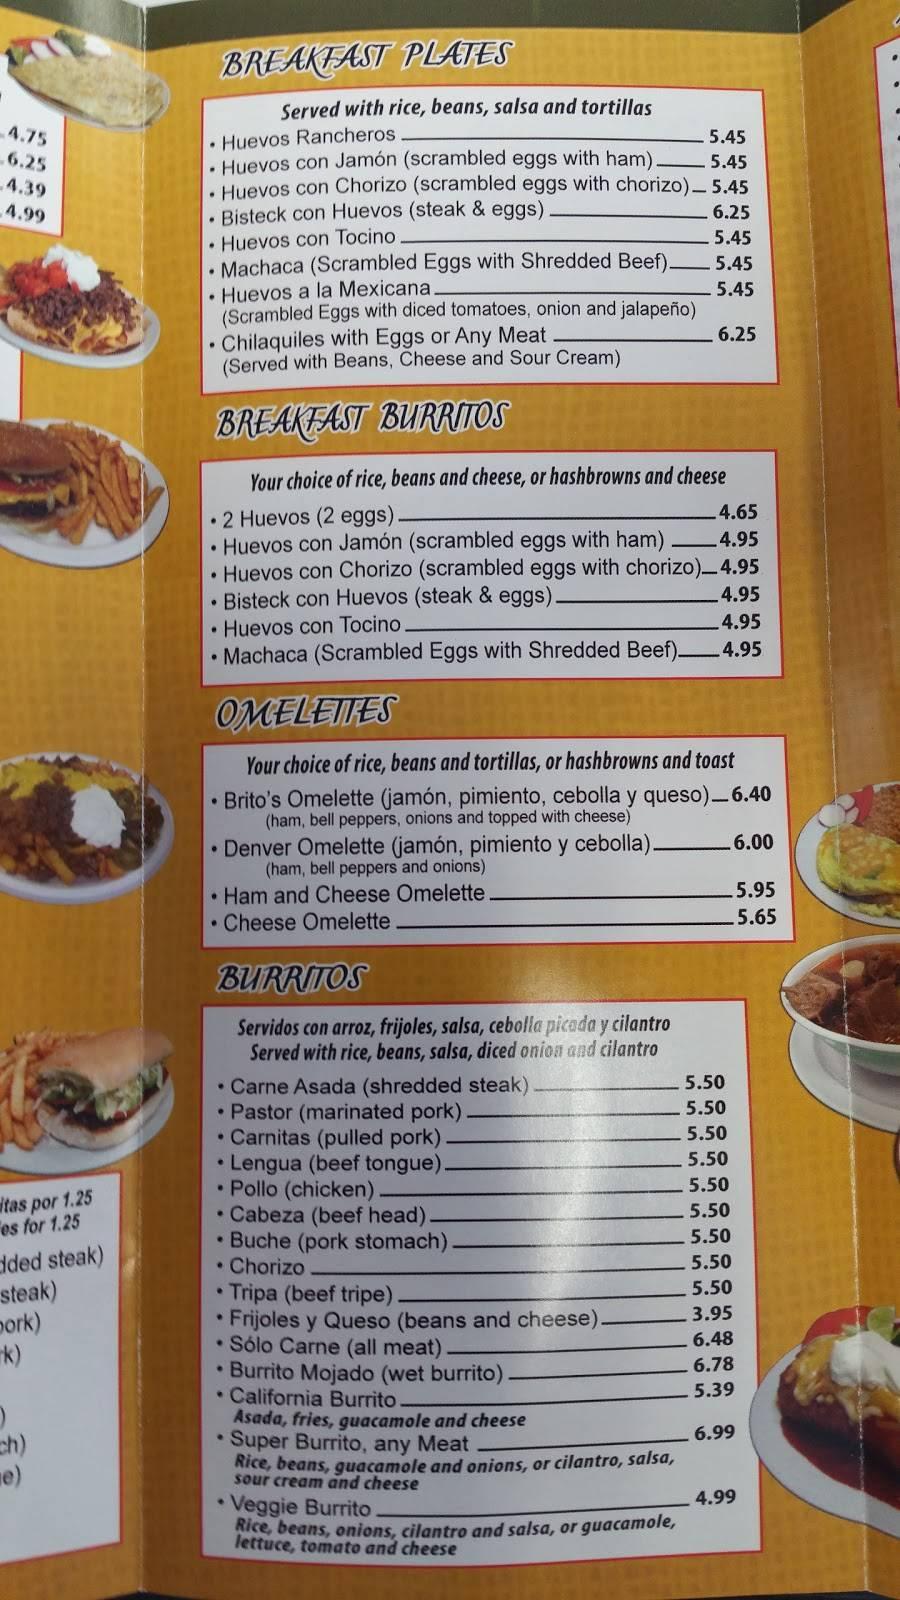 Salsa Britos | restaurant | 1504 S Euclid St # A, Anaheim, CA 92802, USA | 7145204512 OR +1 714-520-4512